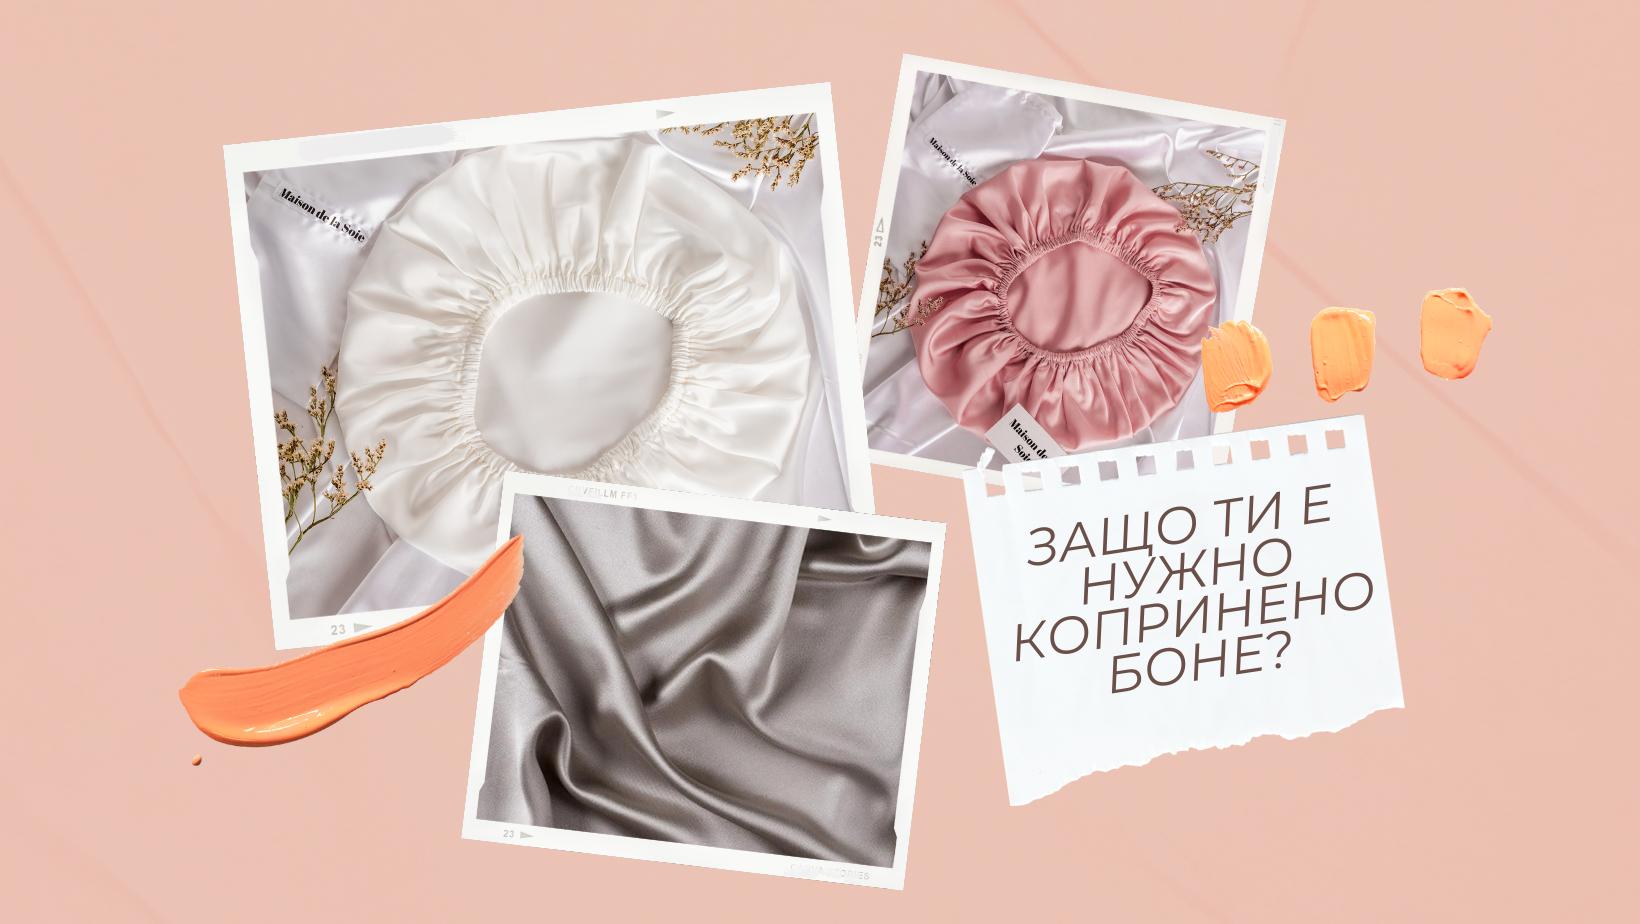 5 причини да носиш копринено боне по време на сън